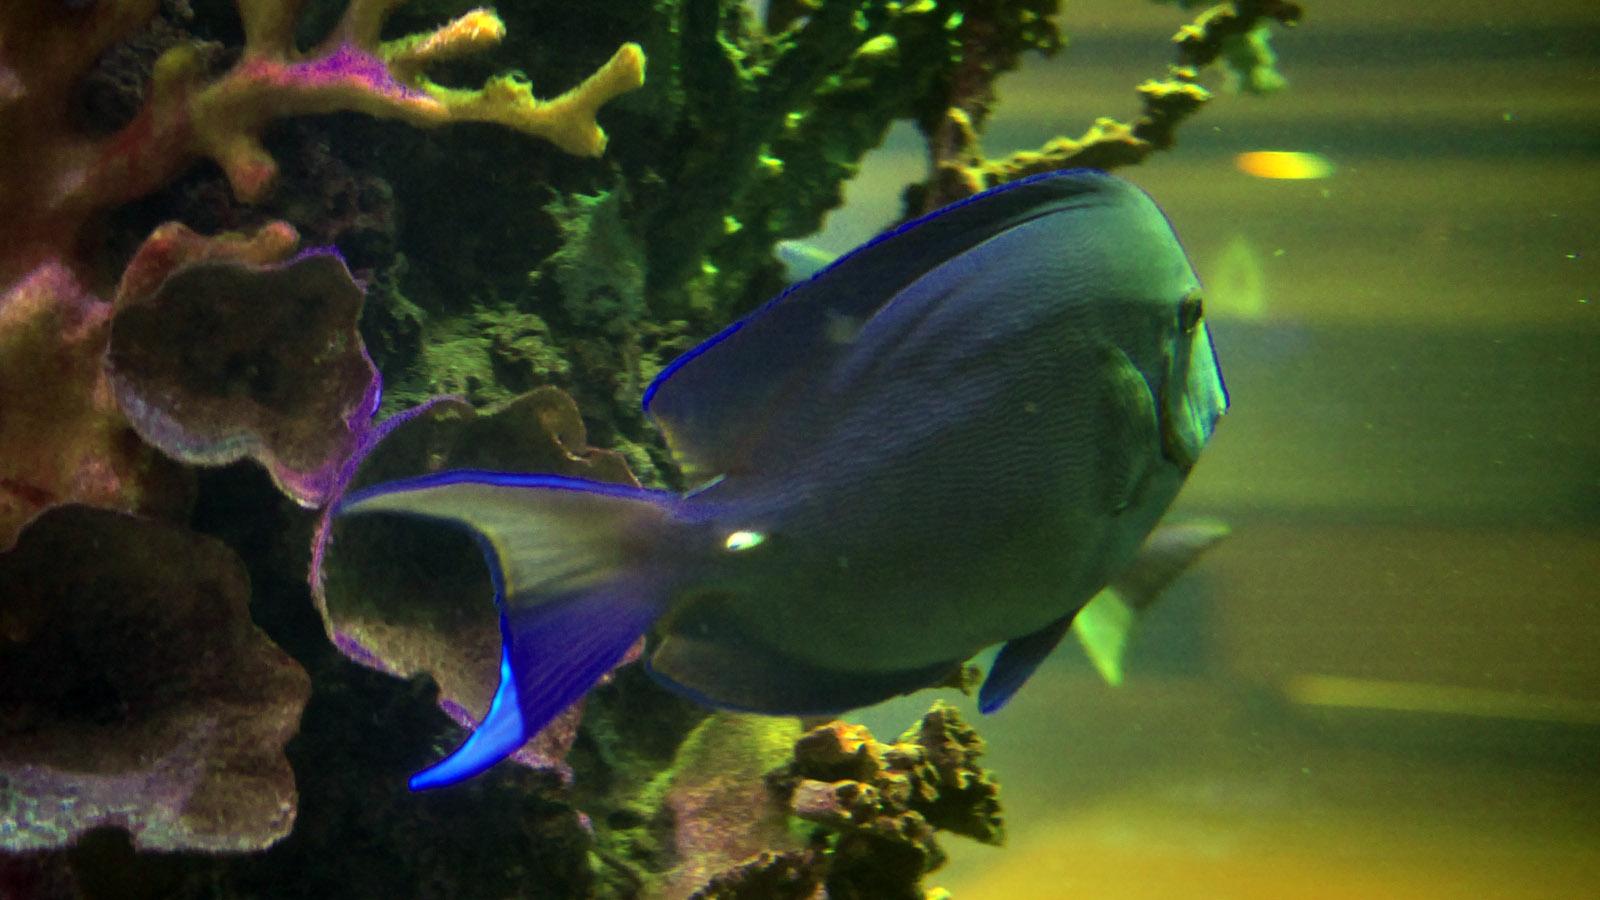 Entfernungsmesser Unter Wasser : Laser entfernungsmesser unter wasser m